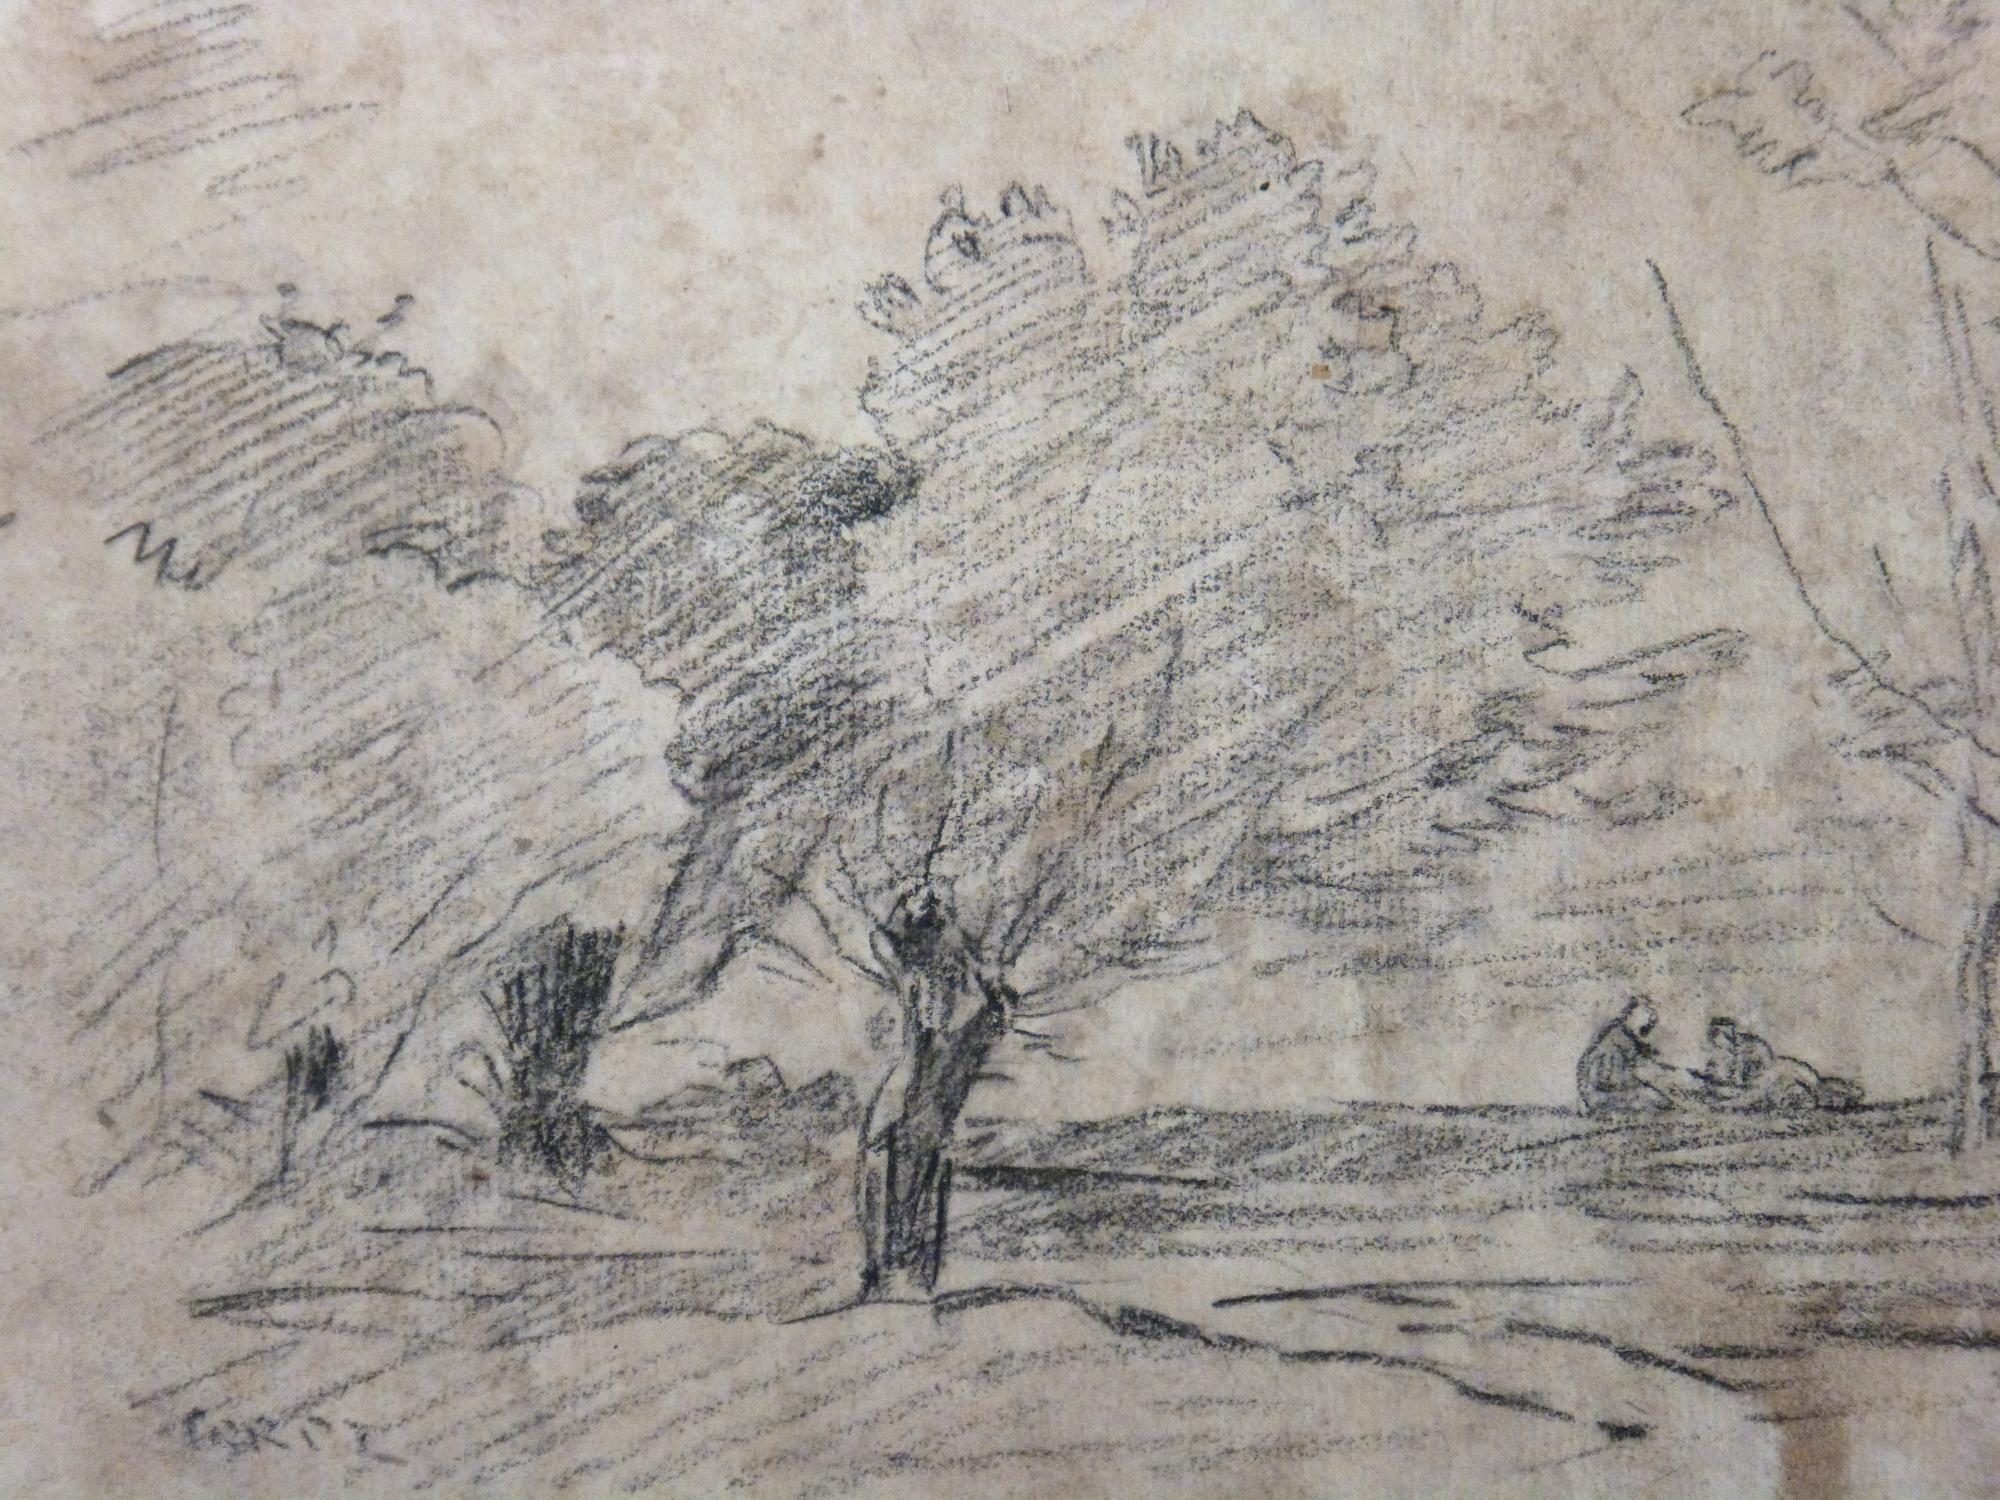 Antique For Sale Landscape Lead Pencil Drawing By Jean Baptiste Camille Corot Landscape Painting Picture Fine Arts A Dessin Paysage Idyllique Ecole De Barbizon